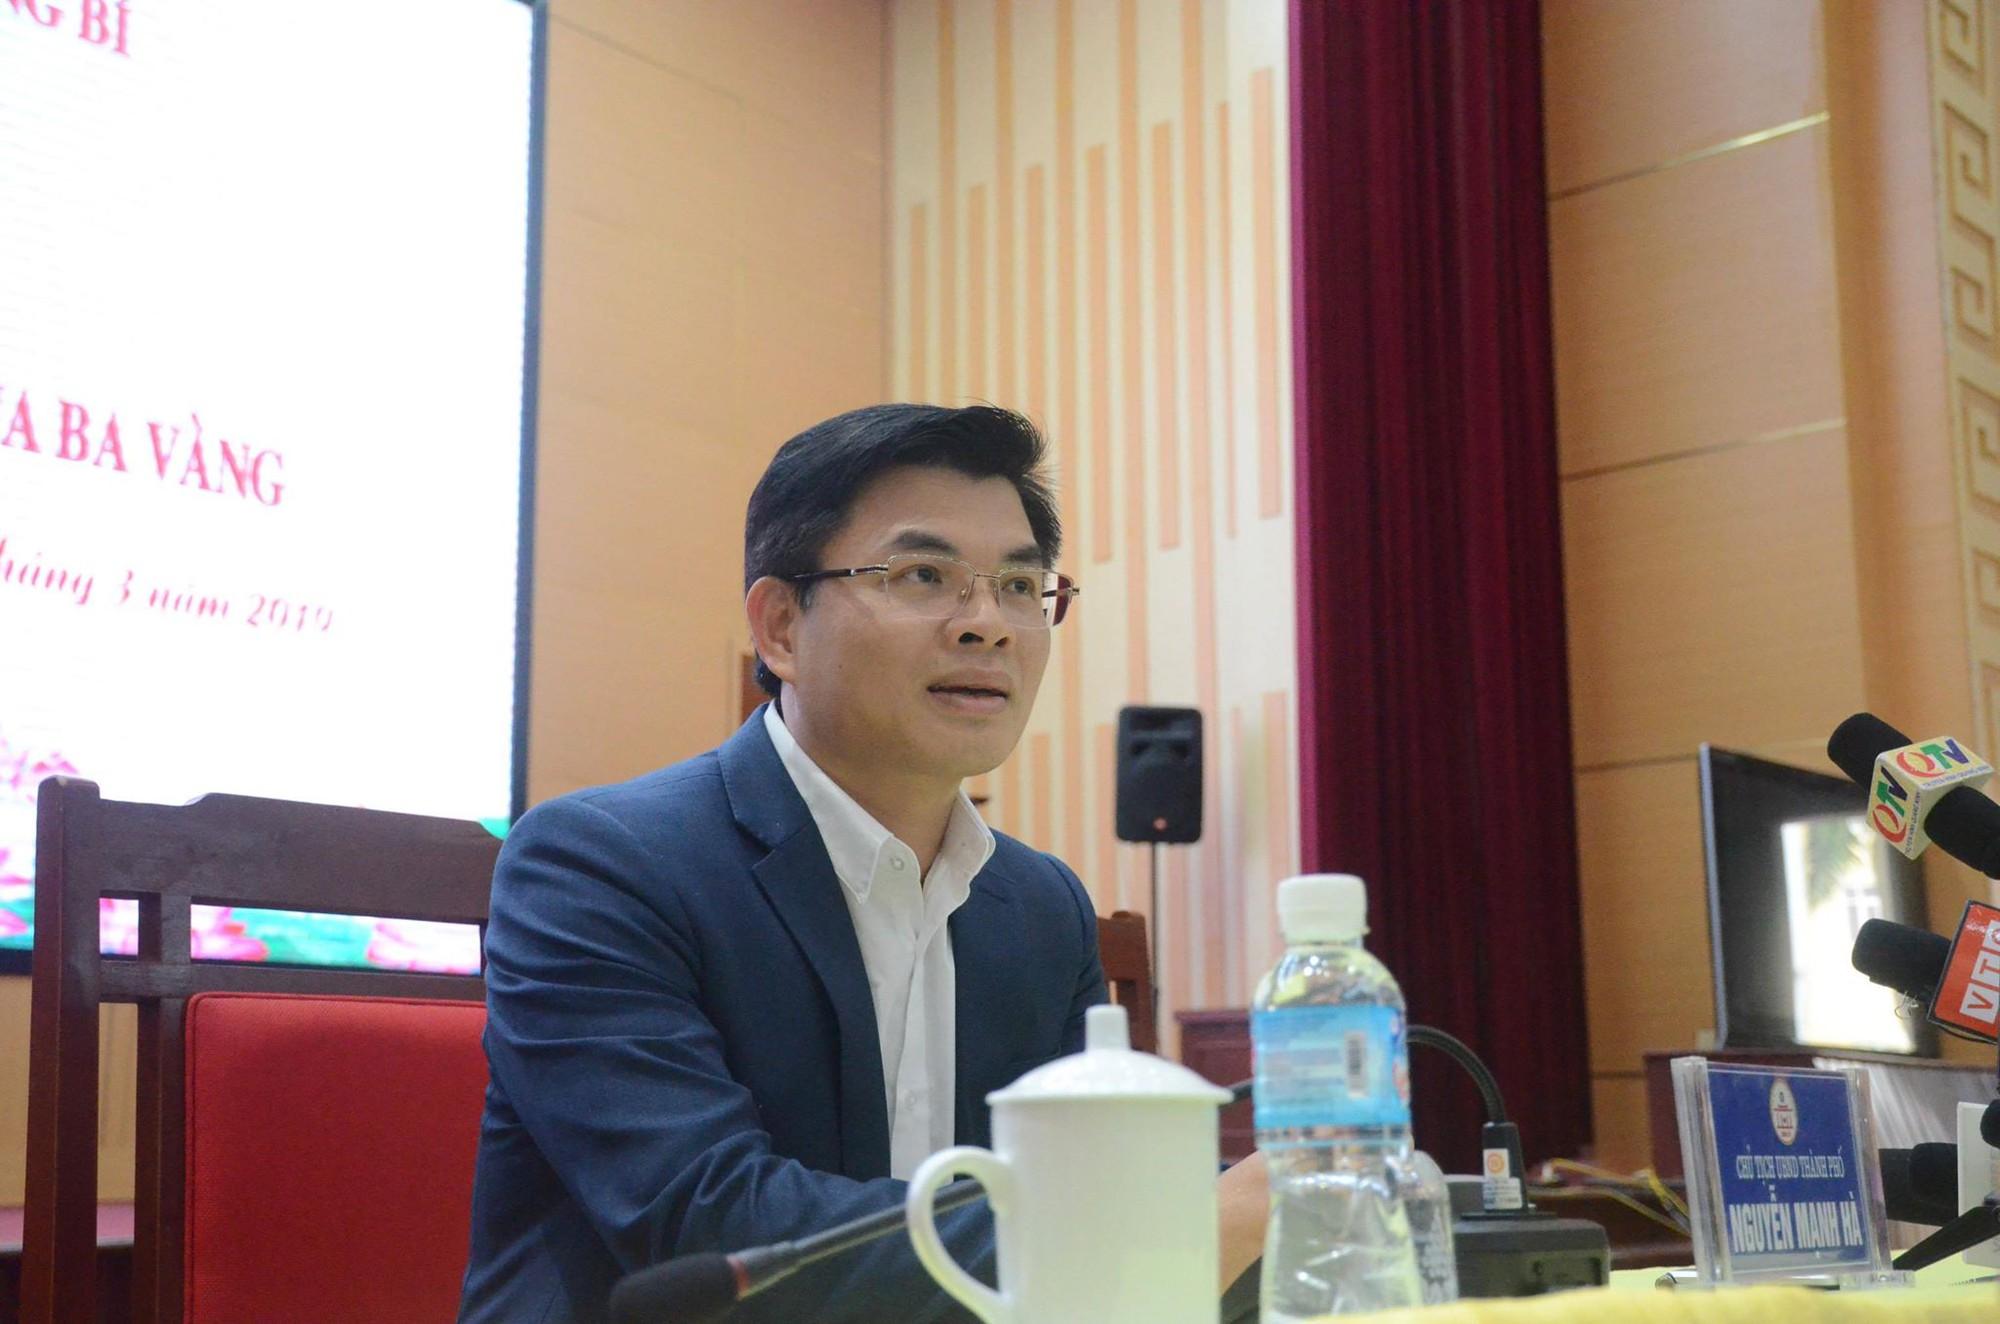 Phạt bà Phạm Thị Yến 5 triệu đồng, yêu cầu chùa Ba Vàng dừng ngay hoạt động thỉnh oan gia trái chủ - Ảnh 5.